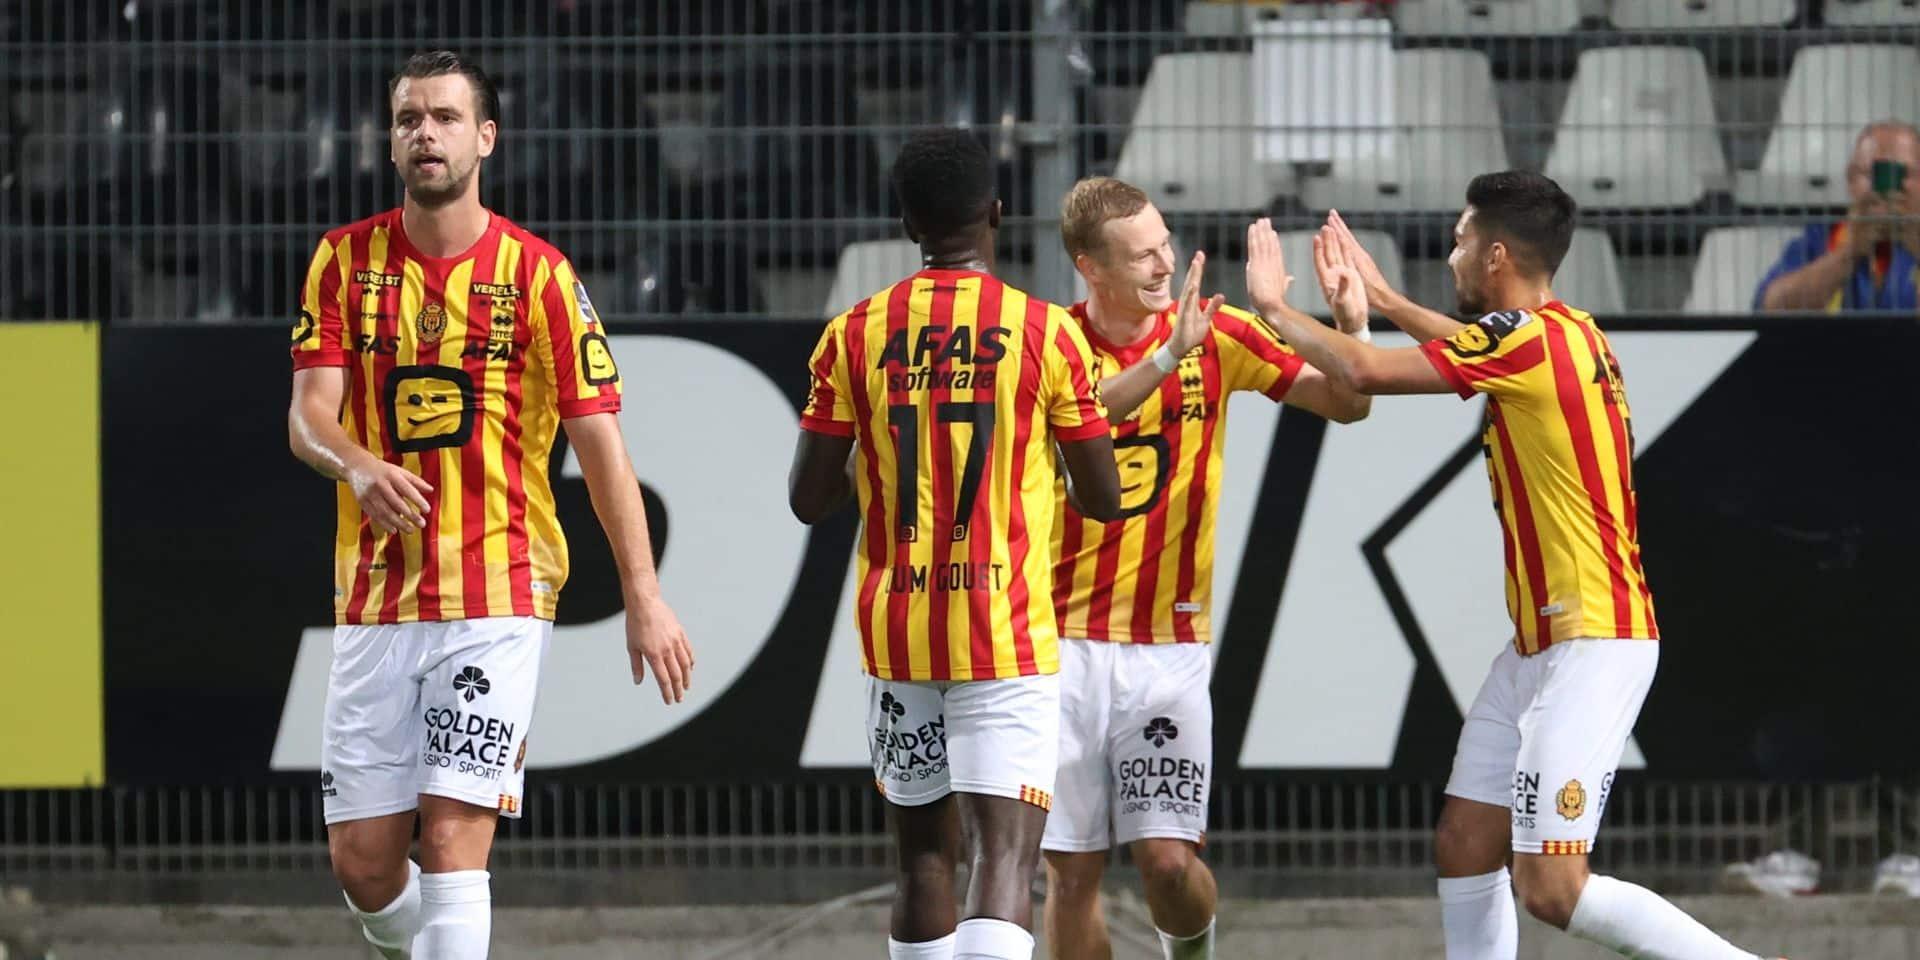 Charleroi perd pour la deuxième fois contre Malines, Genk écrase Seraing et se rapproche de Bruges